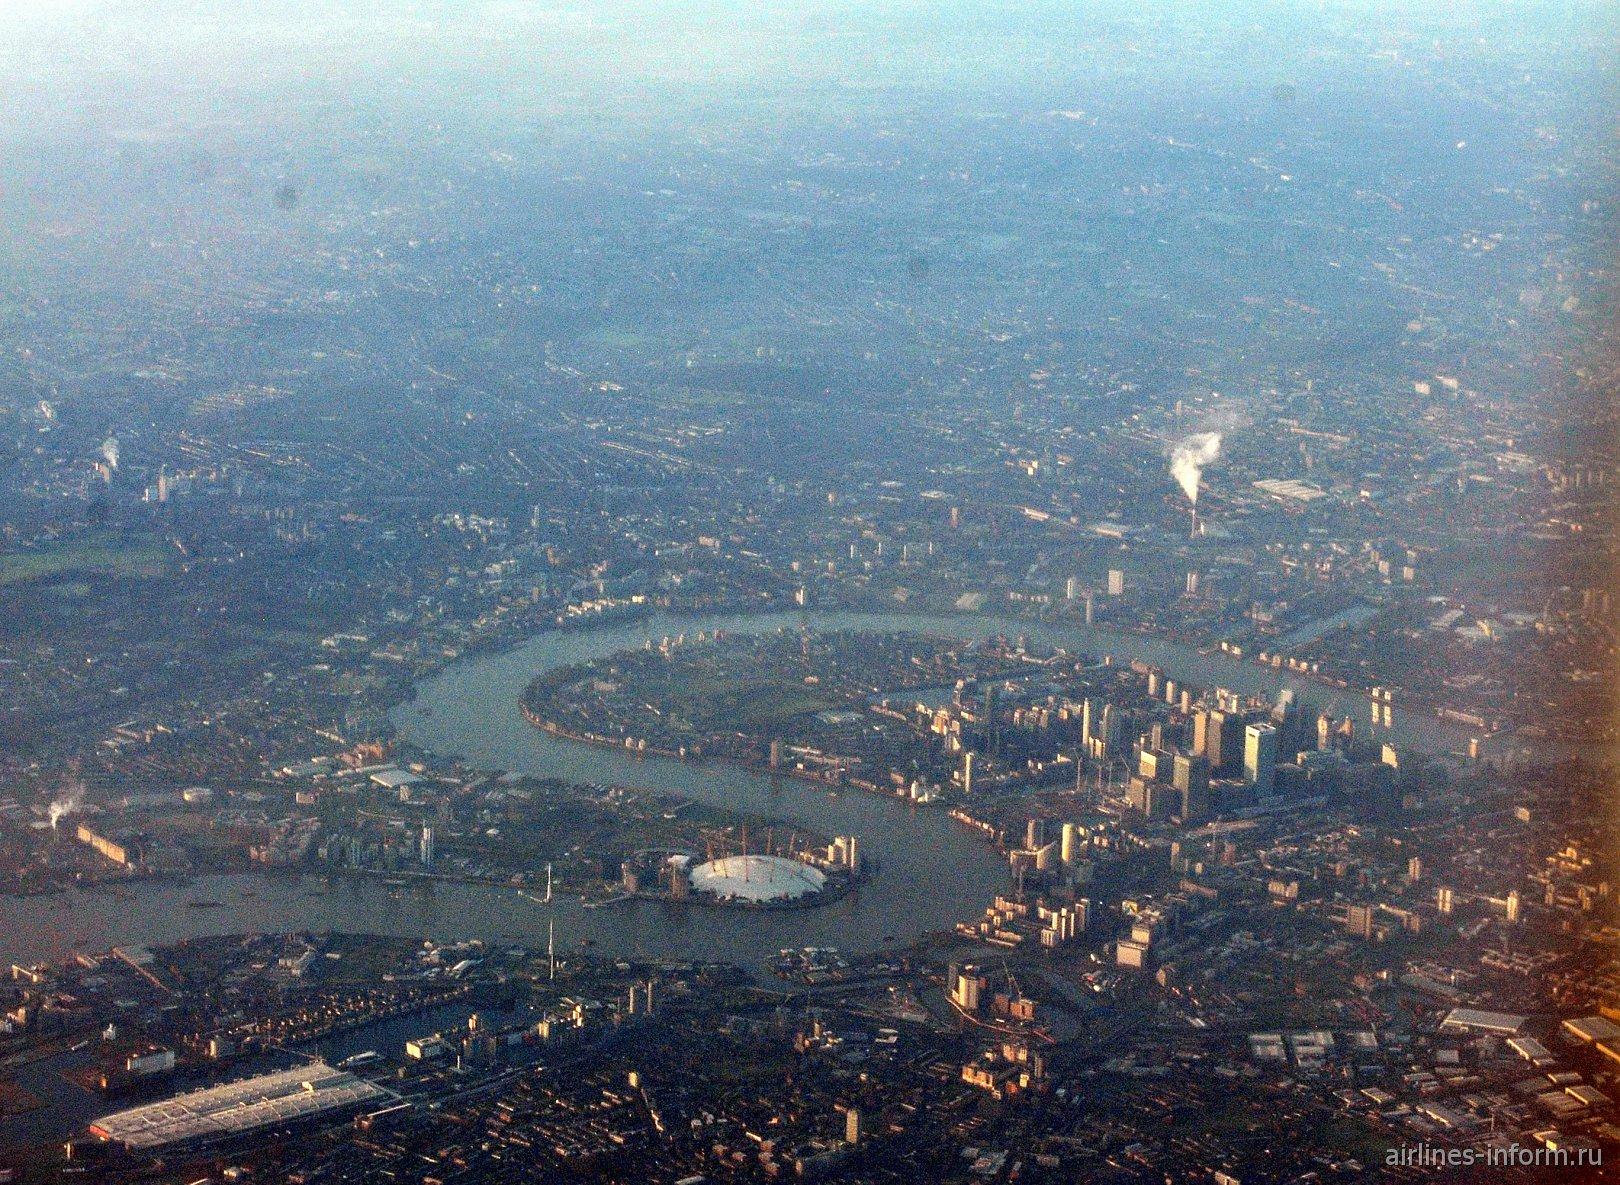 Арена О2 и Собачий остров в Лондоне